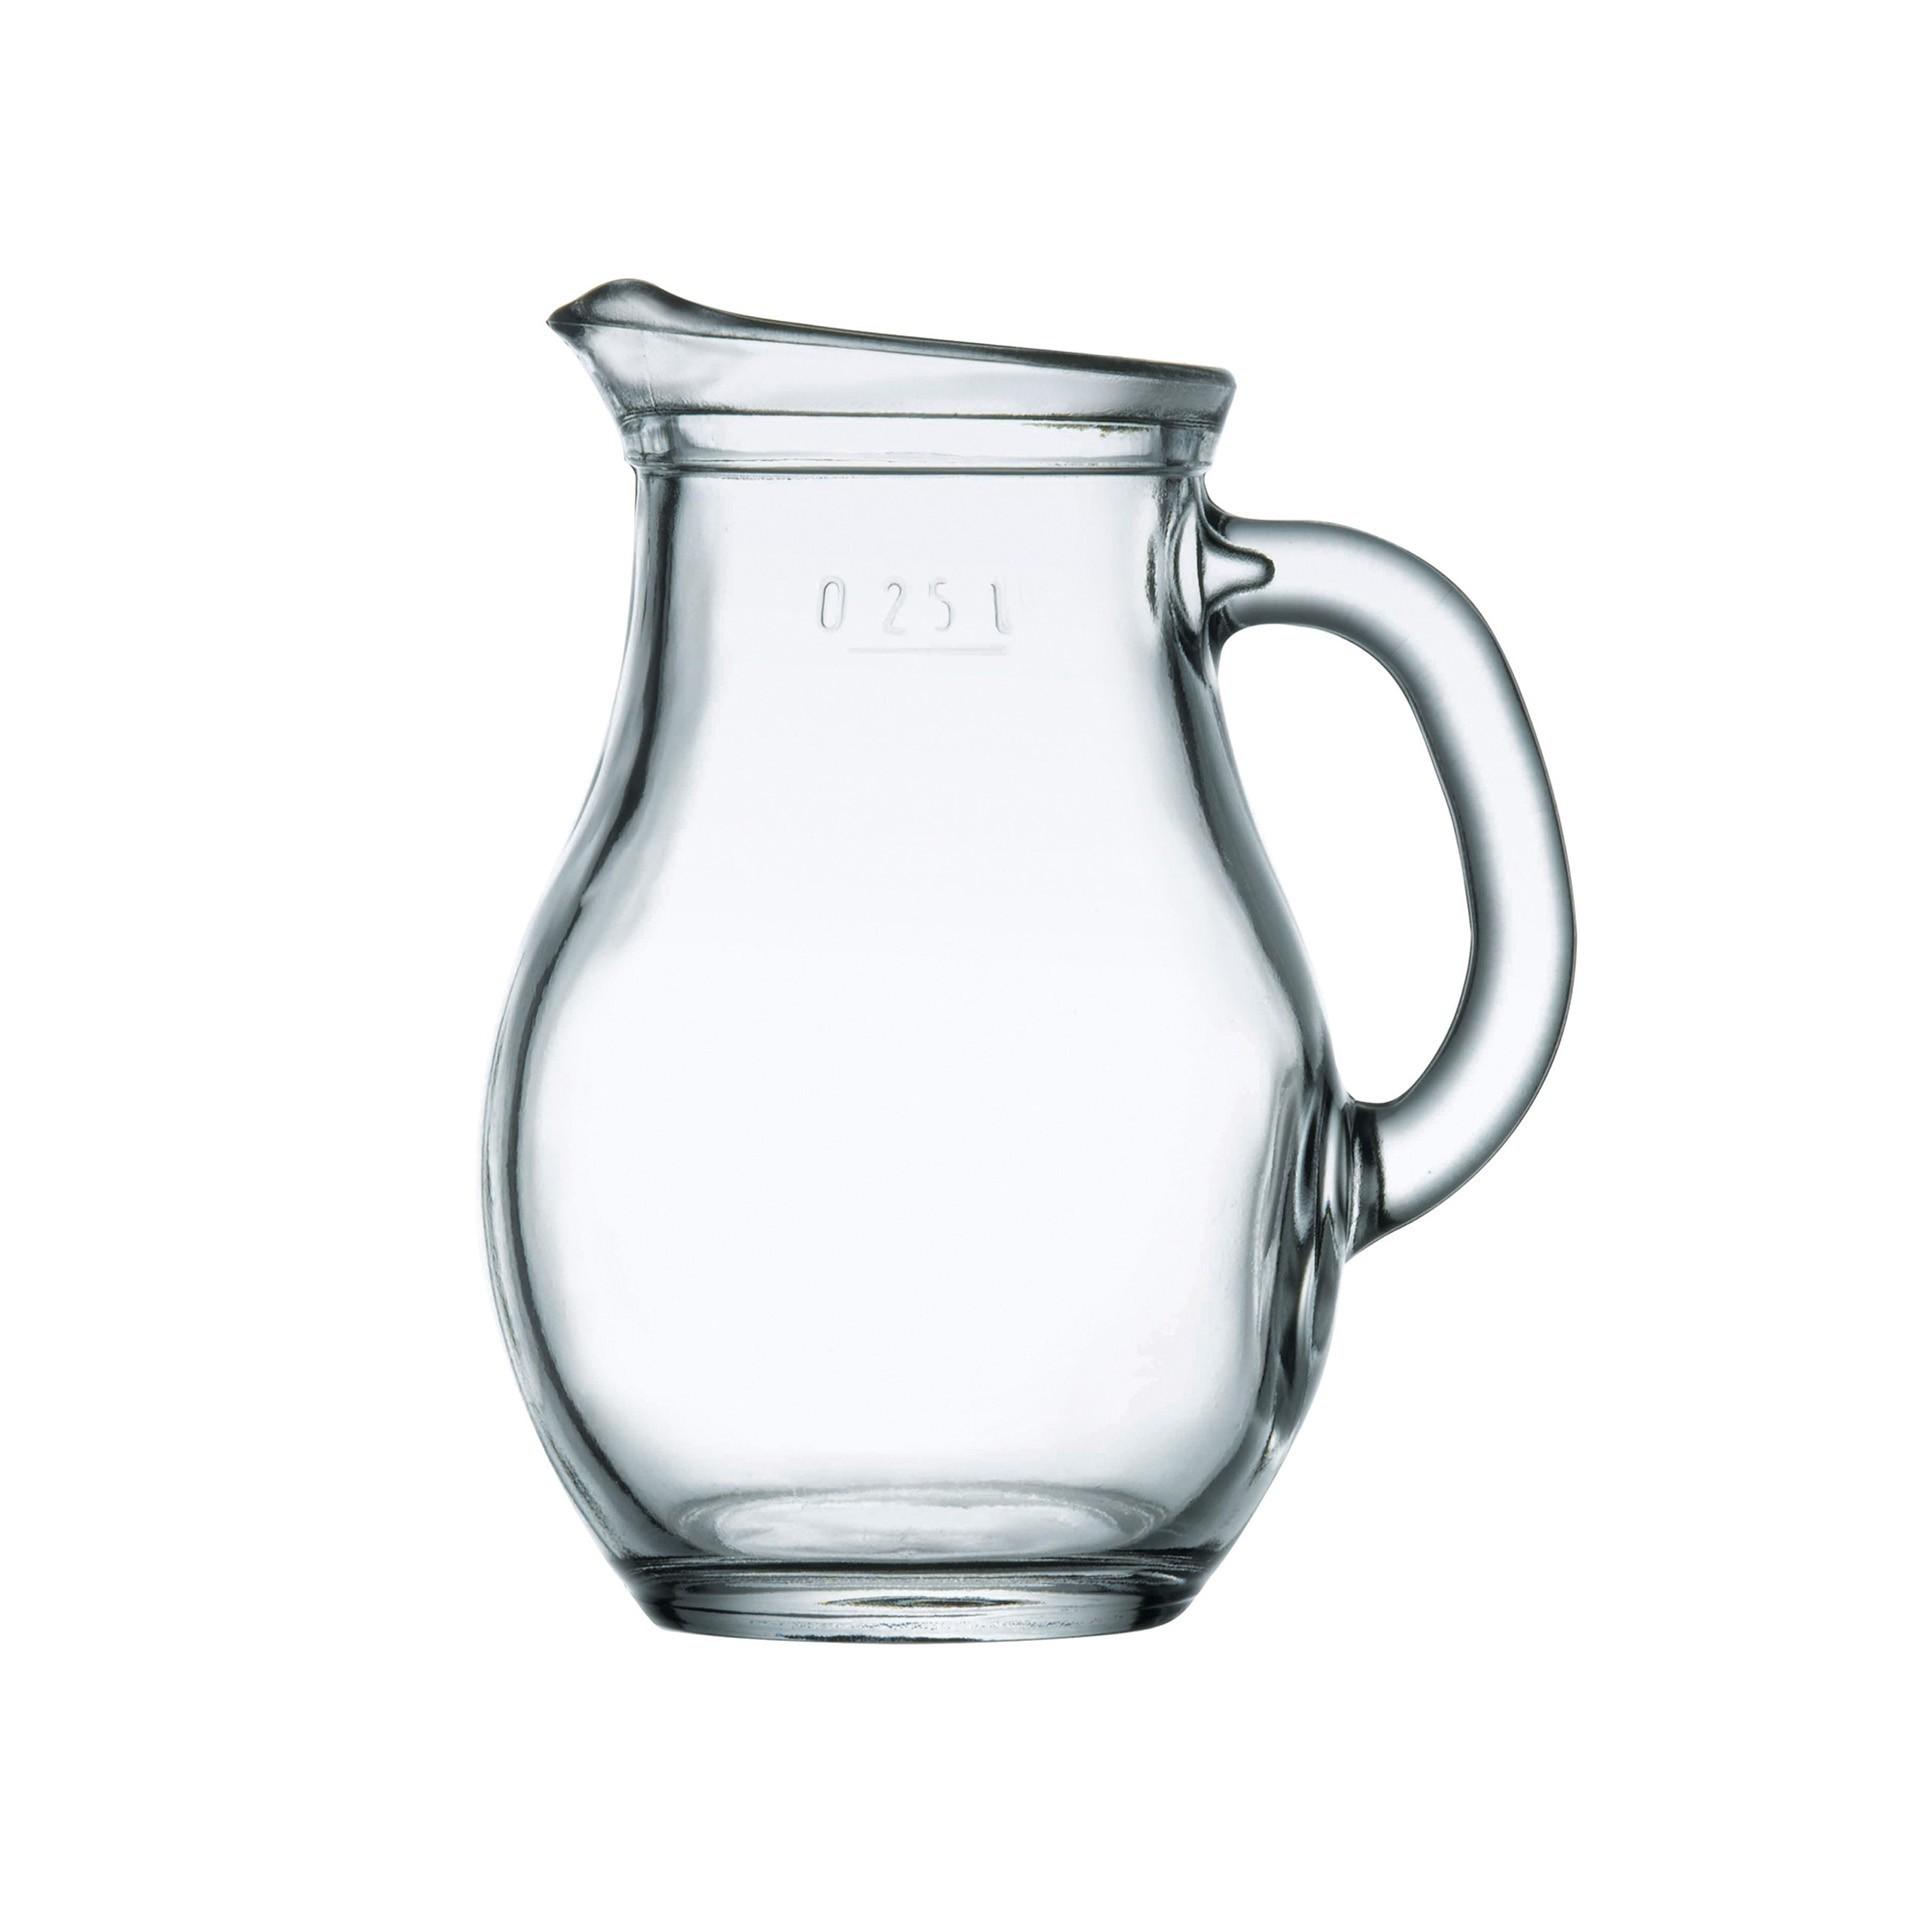 Krug - Glas - mit Füllstrich - billiger kaufen - 1823.025 ...